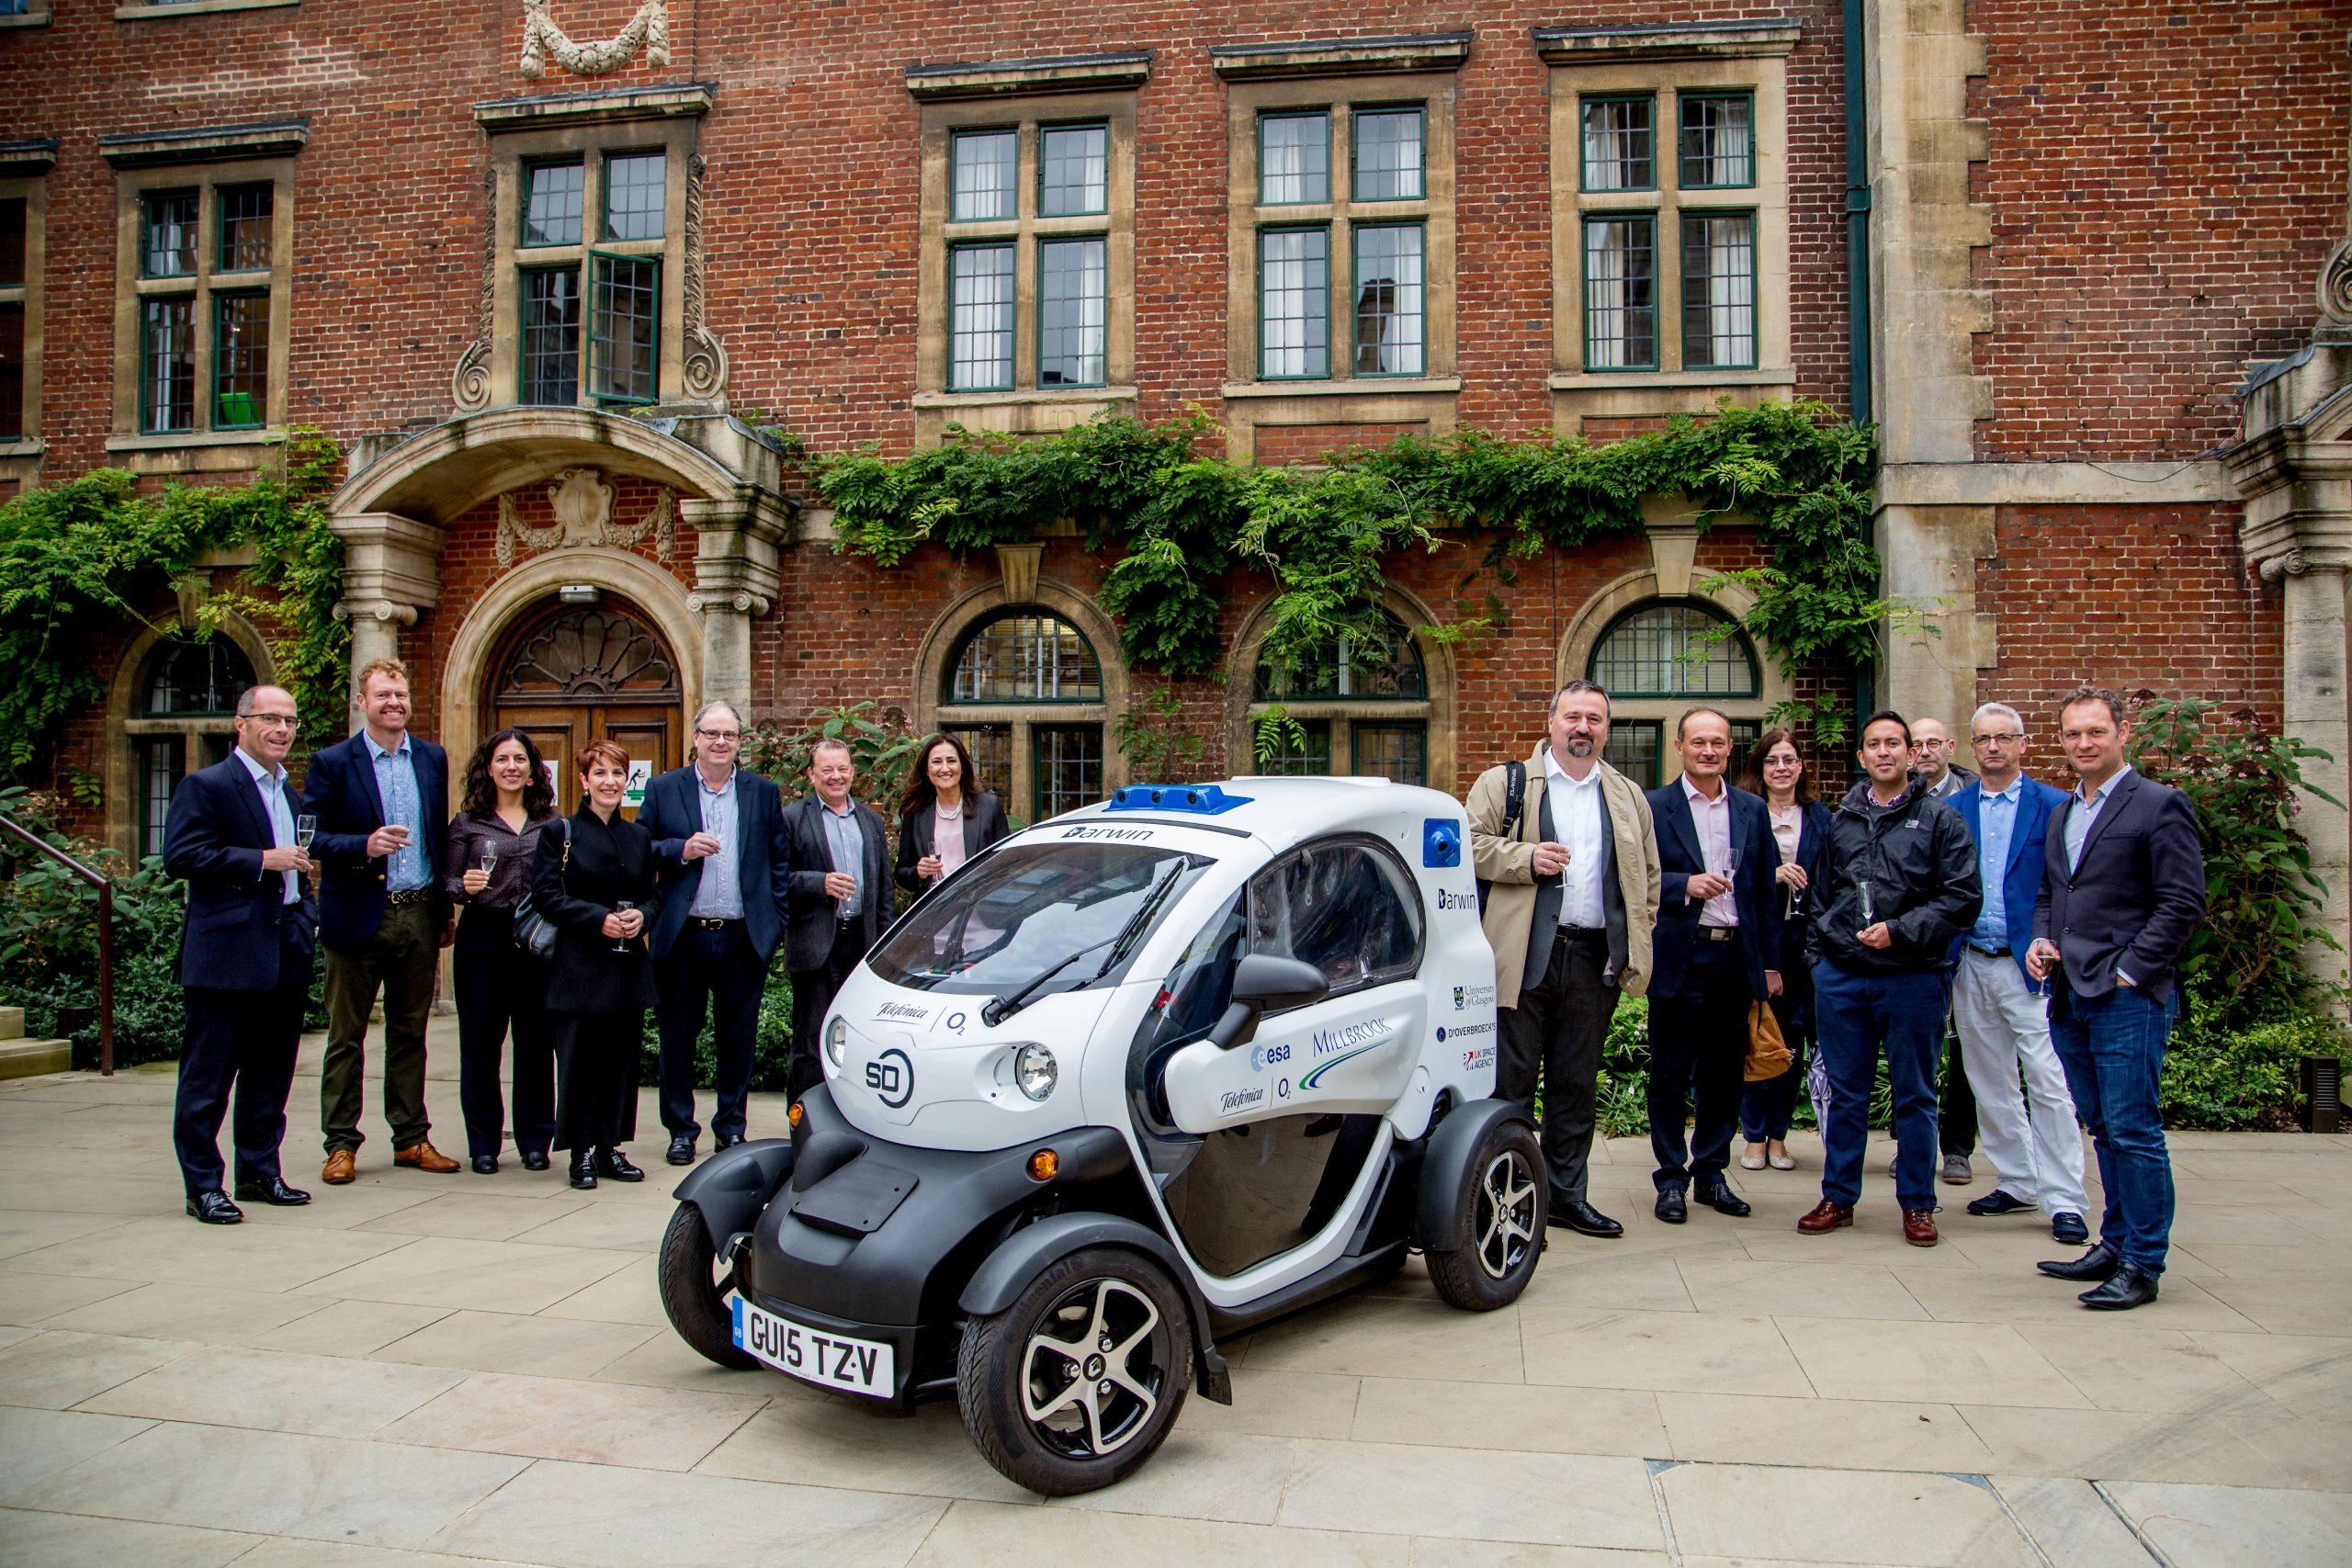 Oxford University Event, September 2019